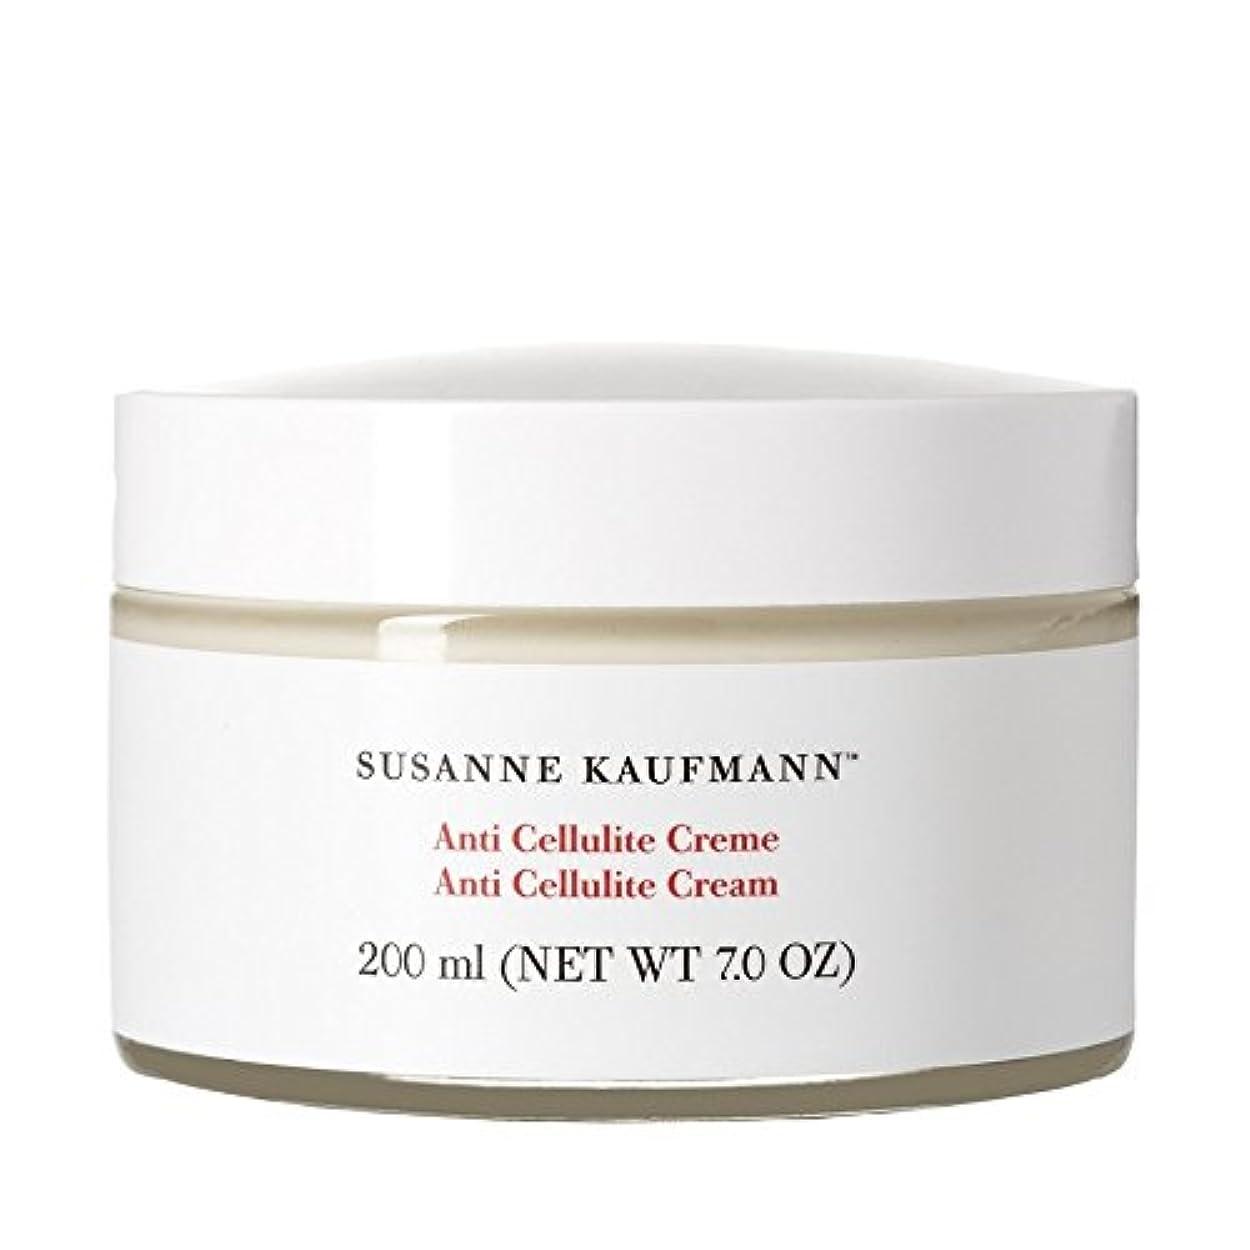 解放するキャベツ描くSusanne Kaufmann Anti Cellulite Cream 200ml - スザンヌカウフマン抗セルライトクリーム200ミリリットル [並行輸入品]